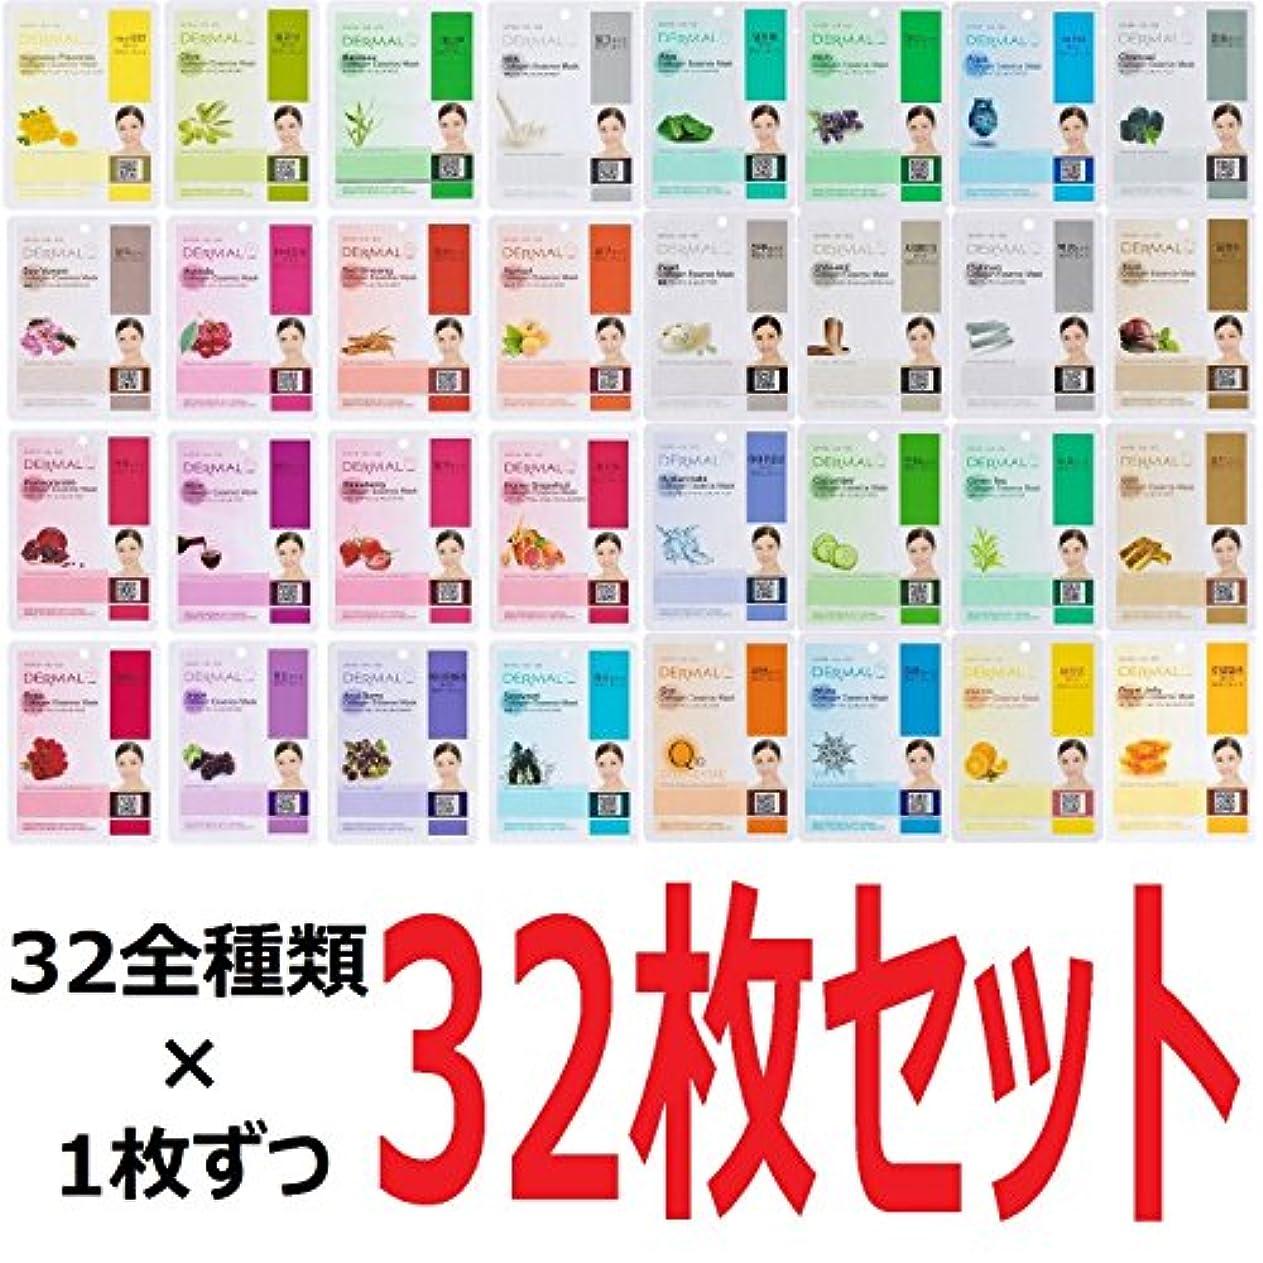 眠り気になる対応するDERMAL(ダーマル) エッセンスマスク 32枚セット(32種全種類)/Essence Mask 32pcs [並行輸入品]